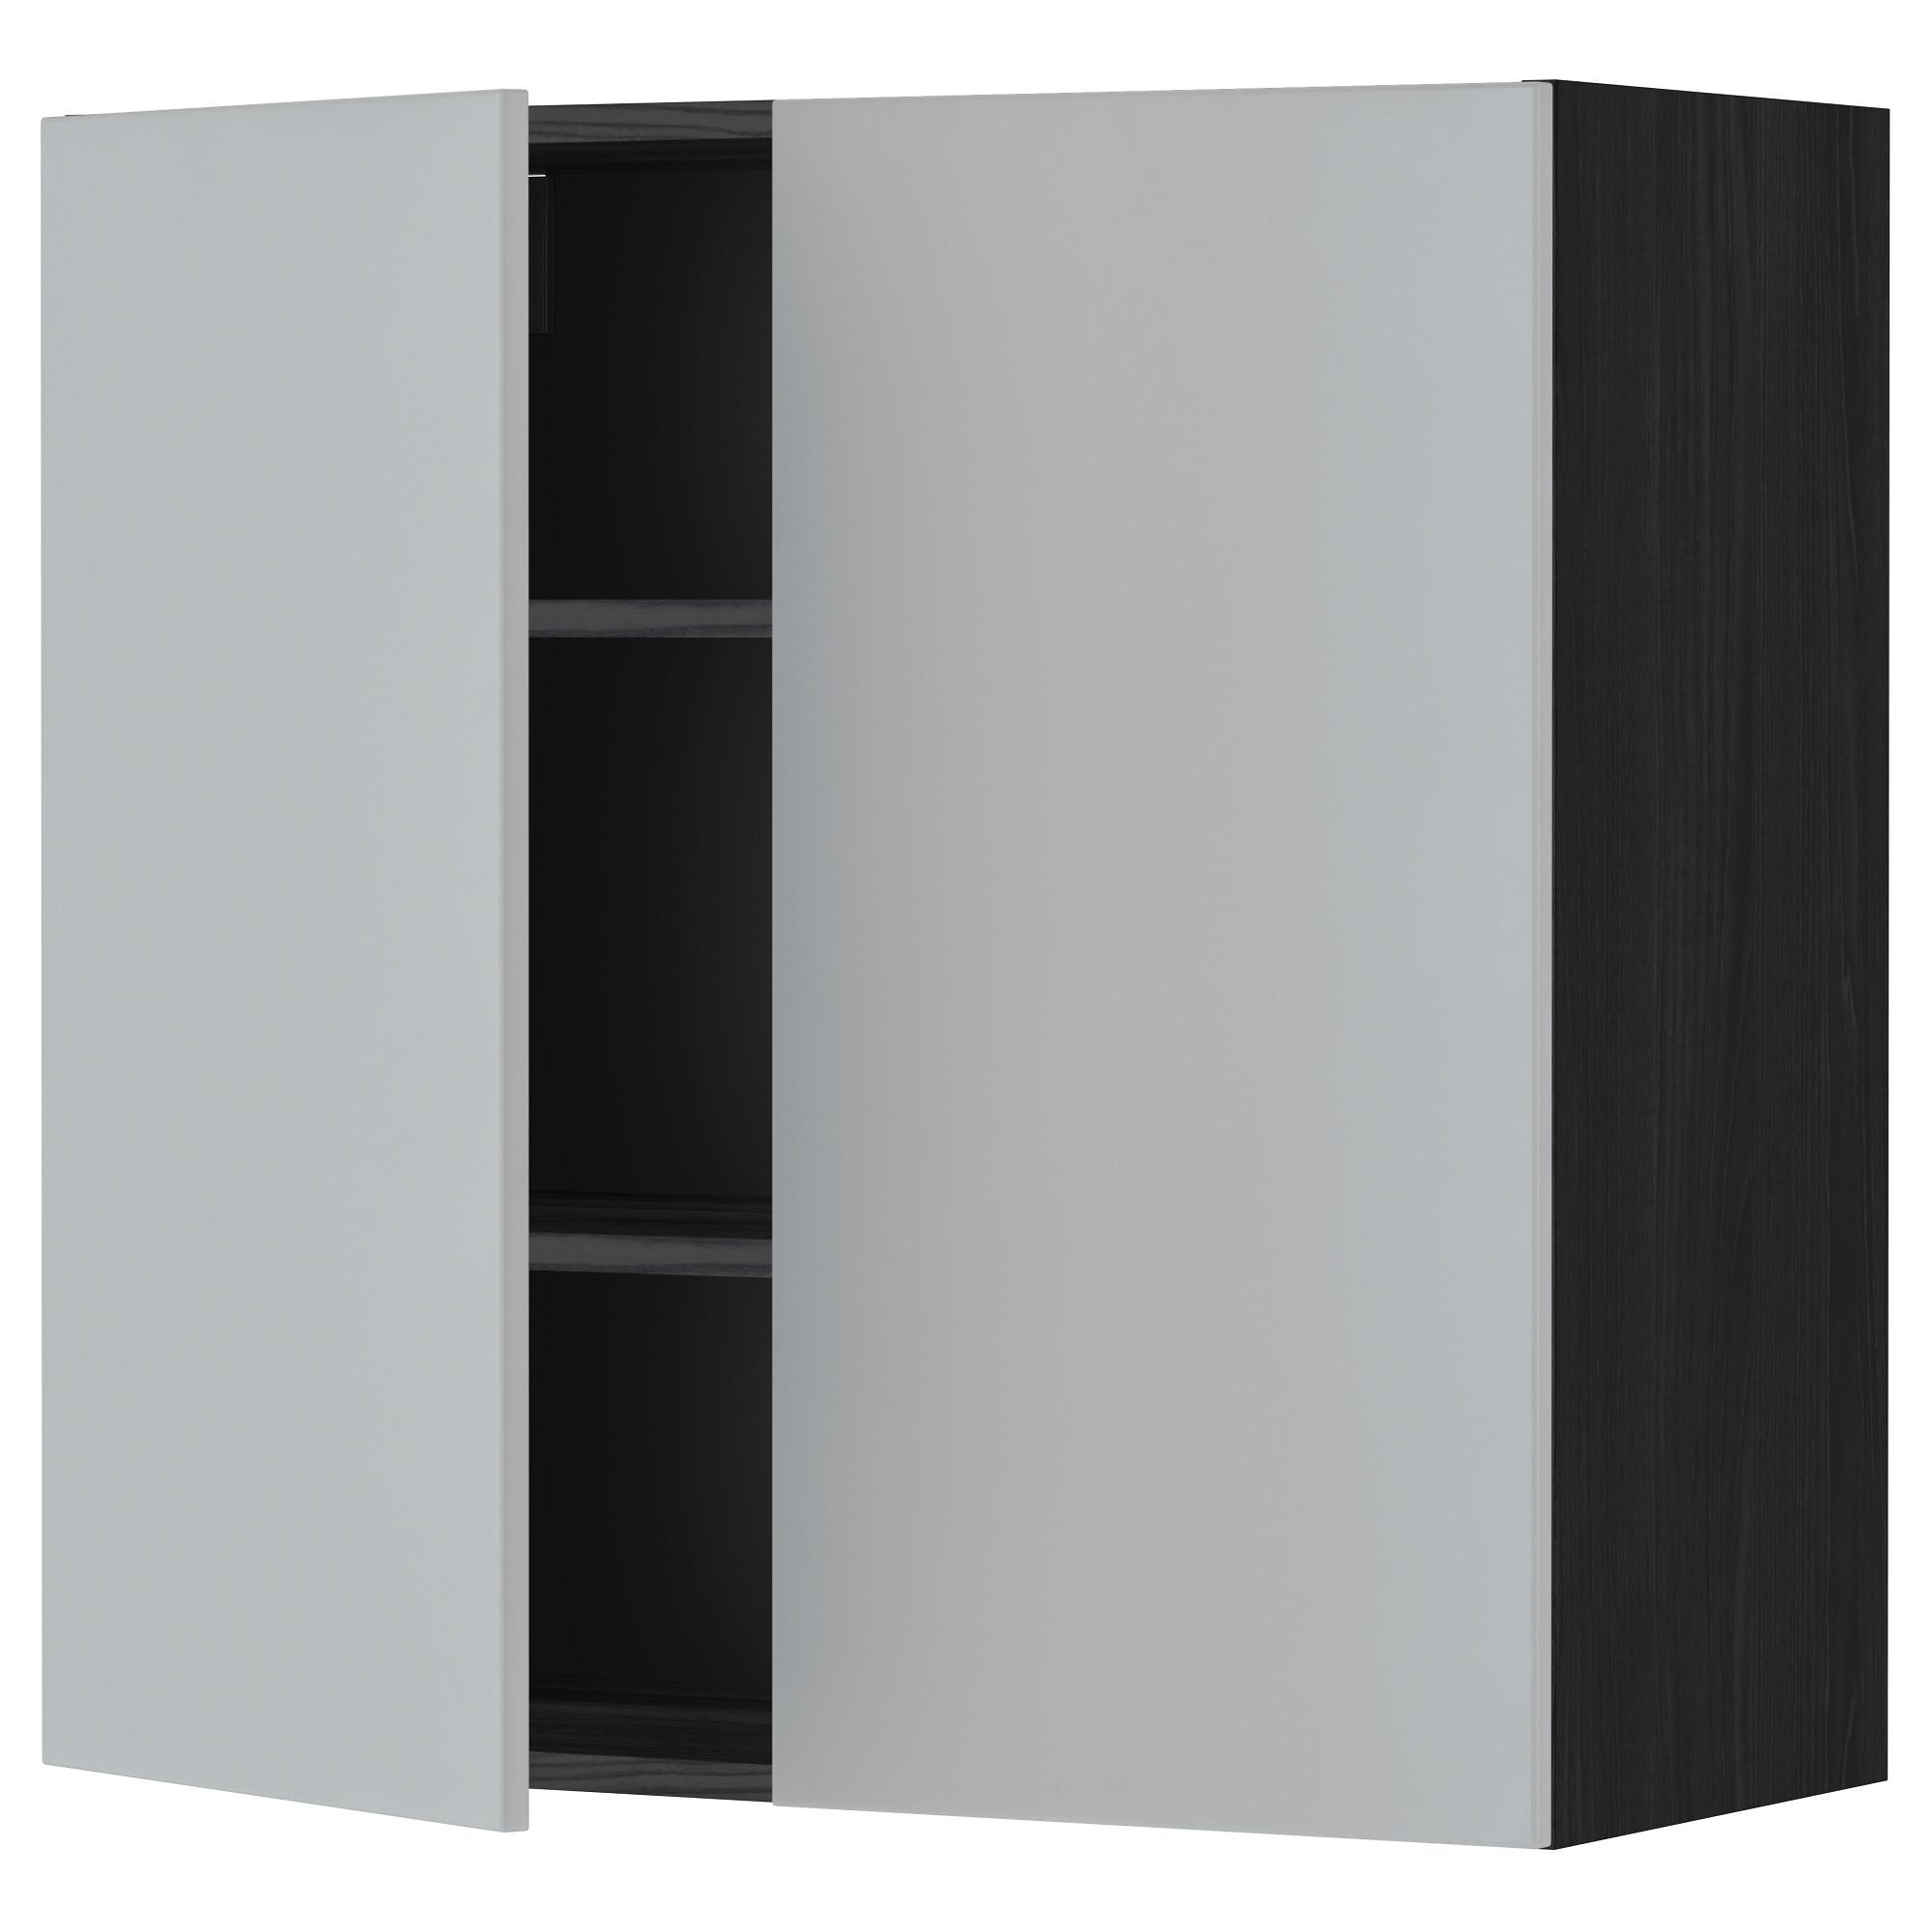 Ikea armarios mallorca